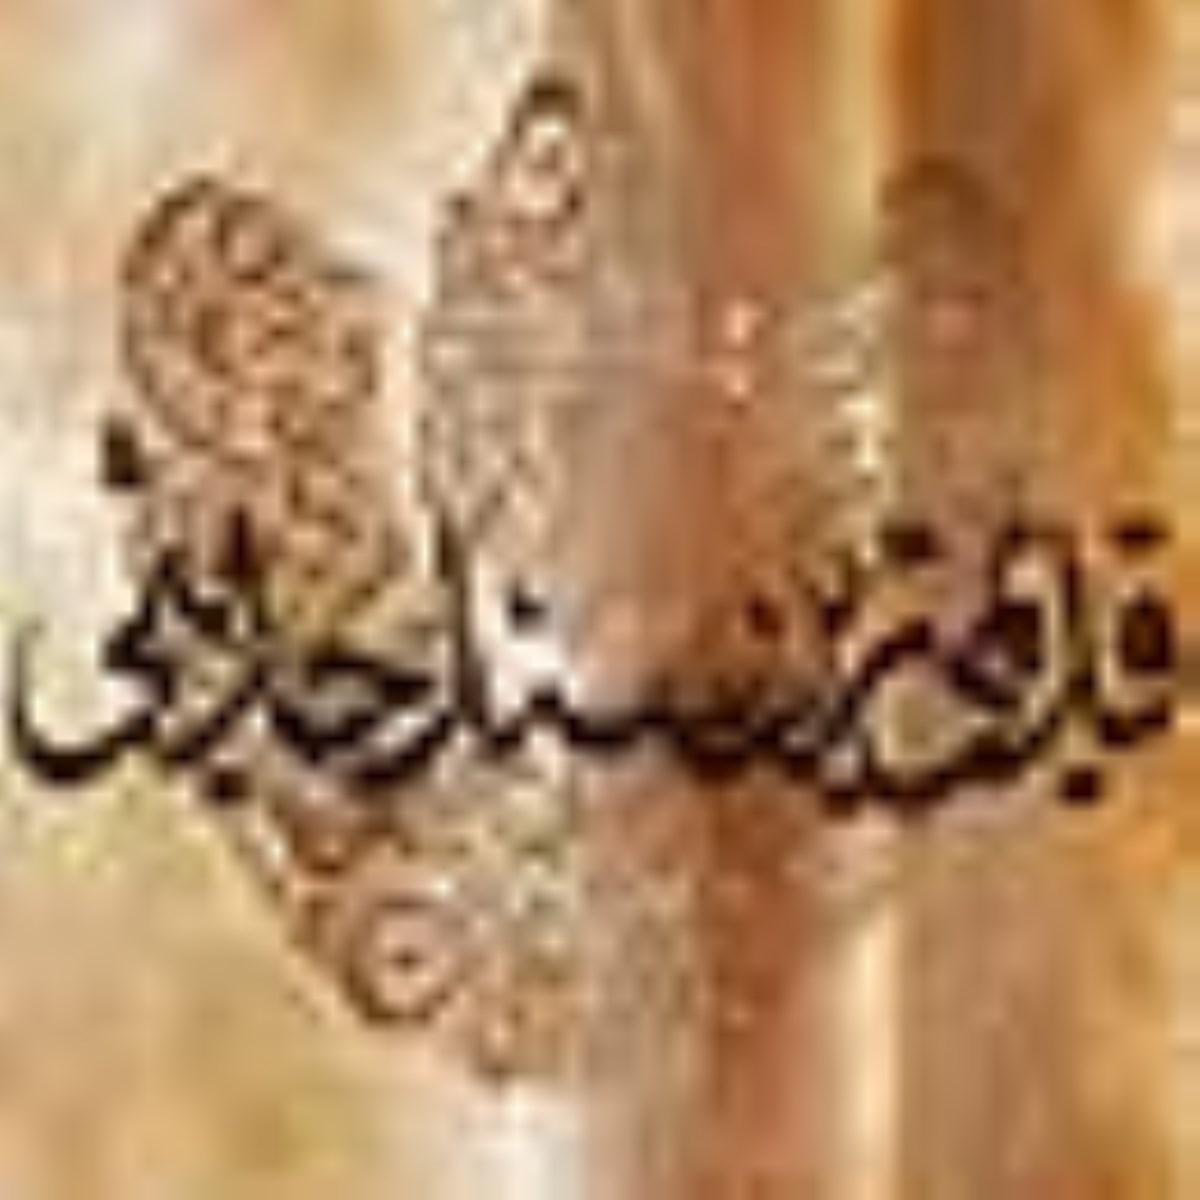 قديمی ترين سند حديثى موجود در ميان مسلمانان